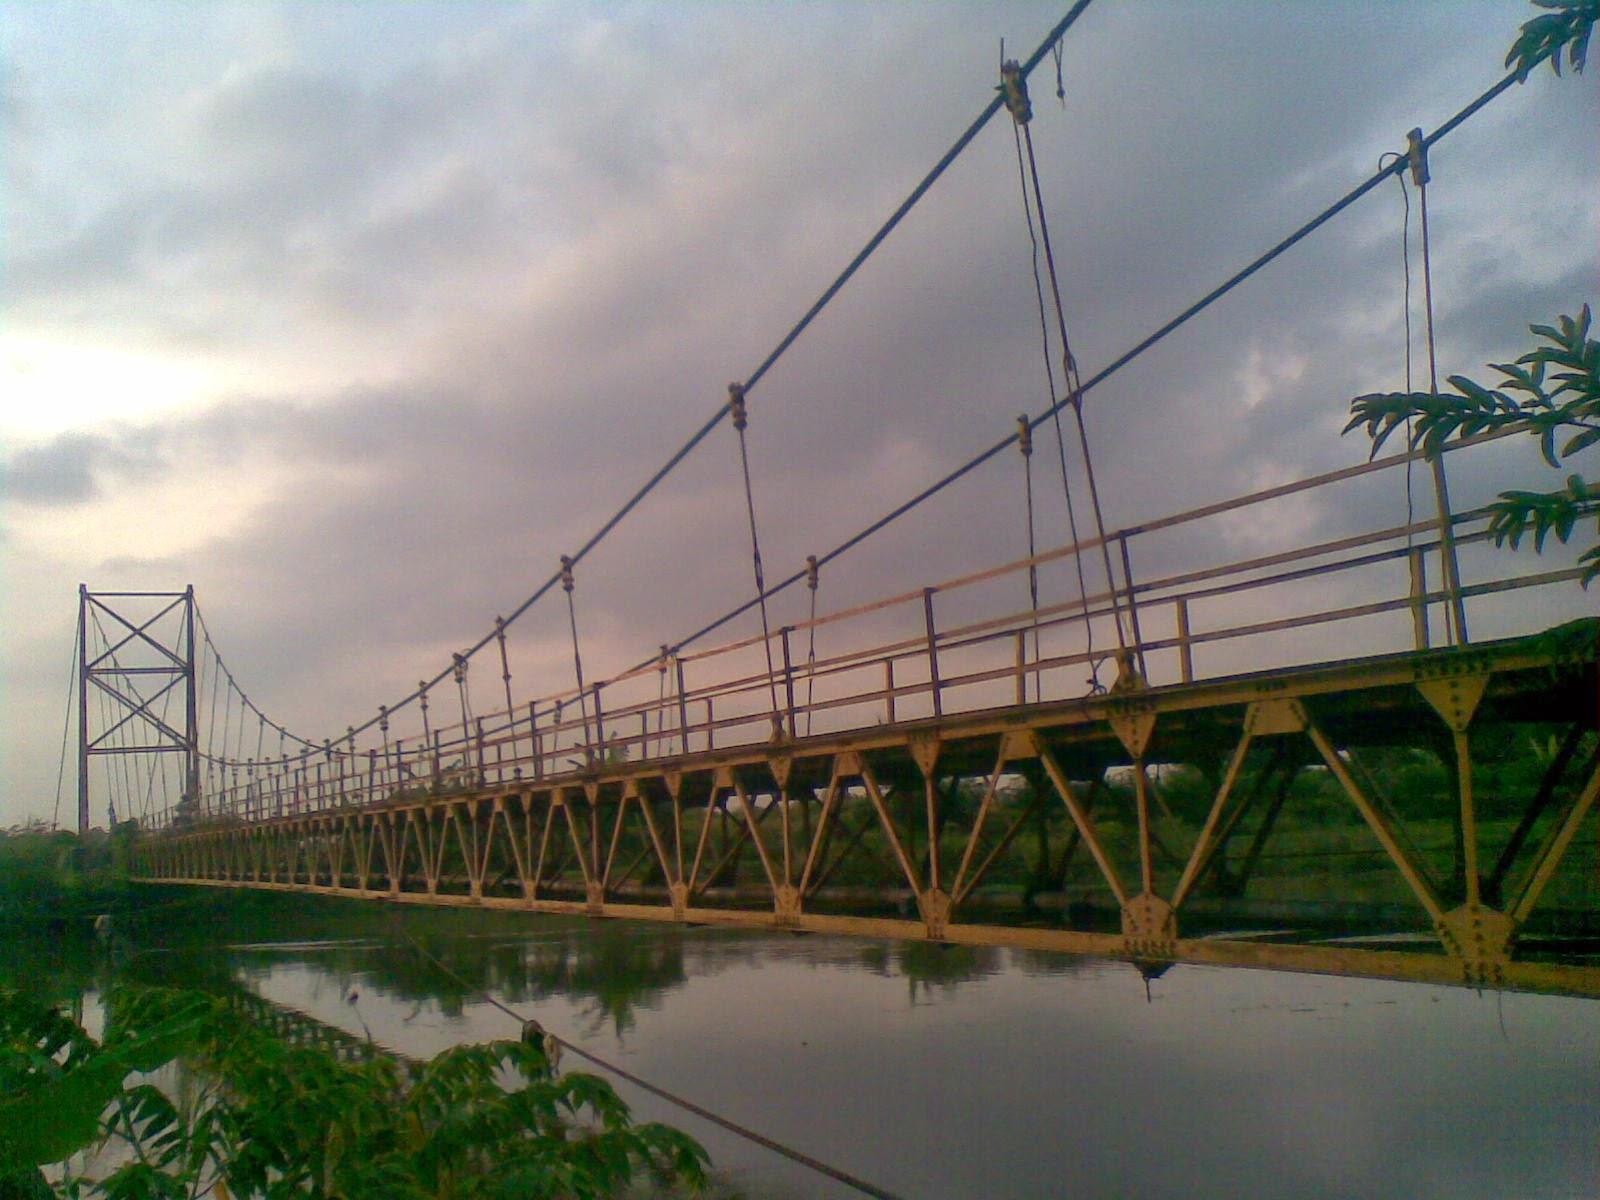 Jembatan Gantung Bersejarah di Kota Pati